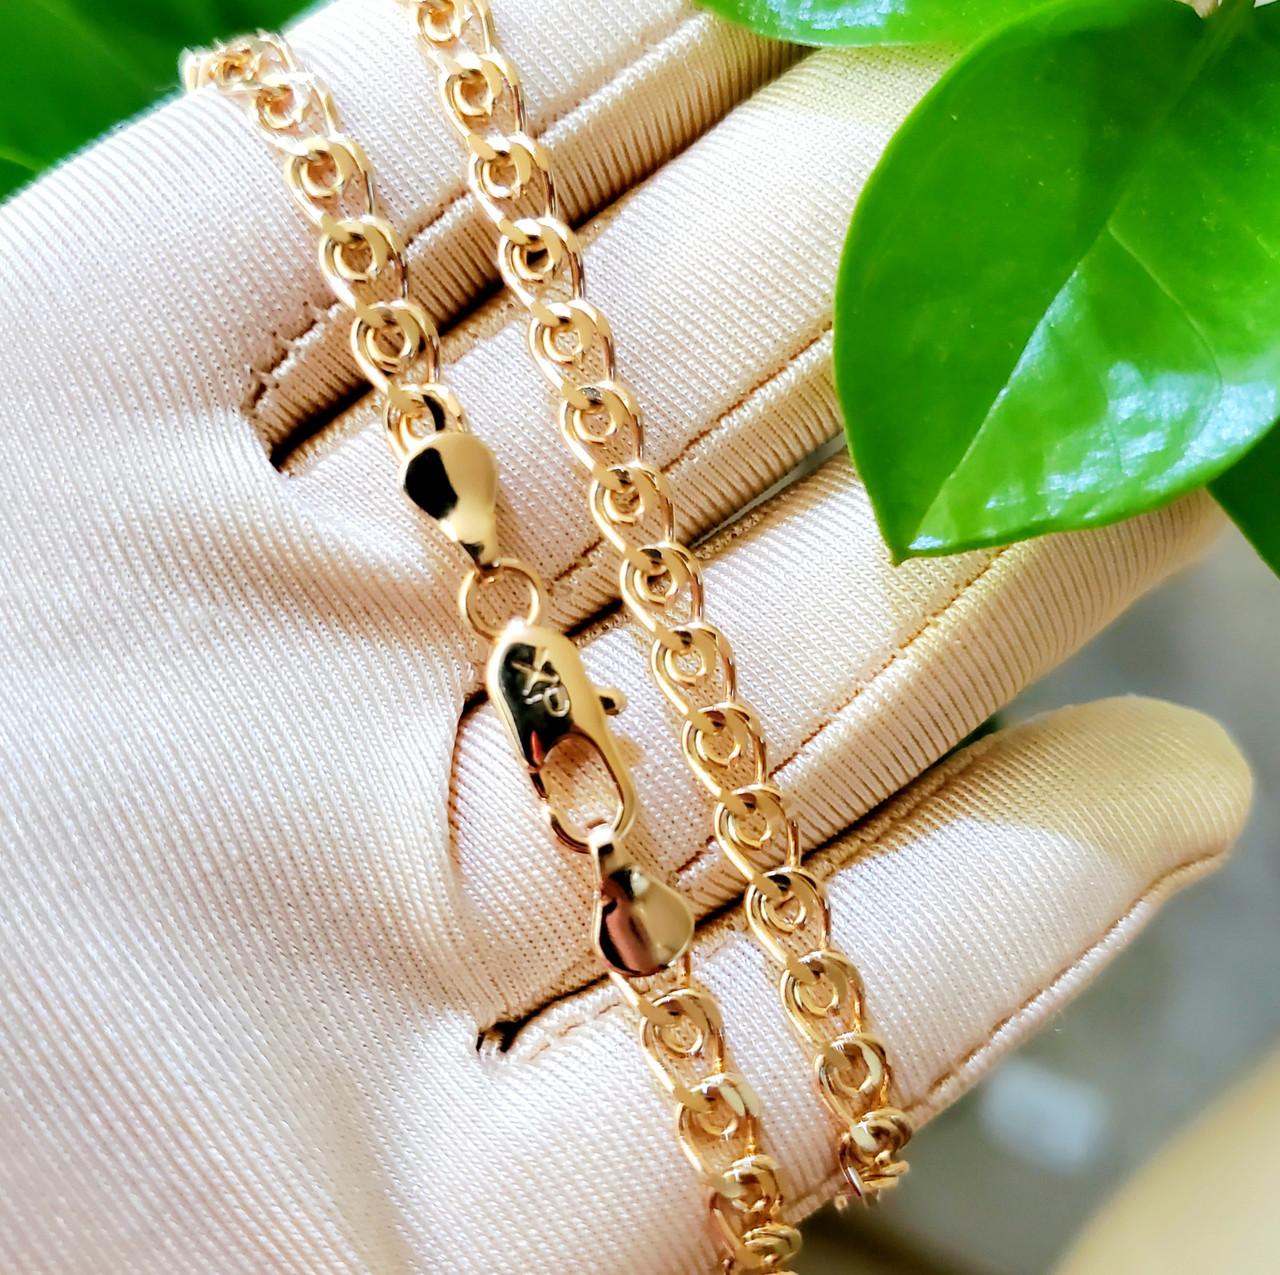 Ланцюжок xuping 5мм 55см медичне золото позолота 18К лав ц728